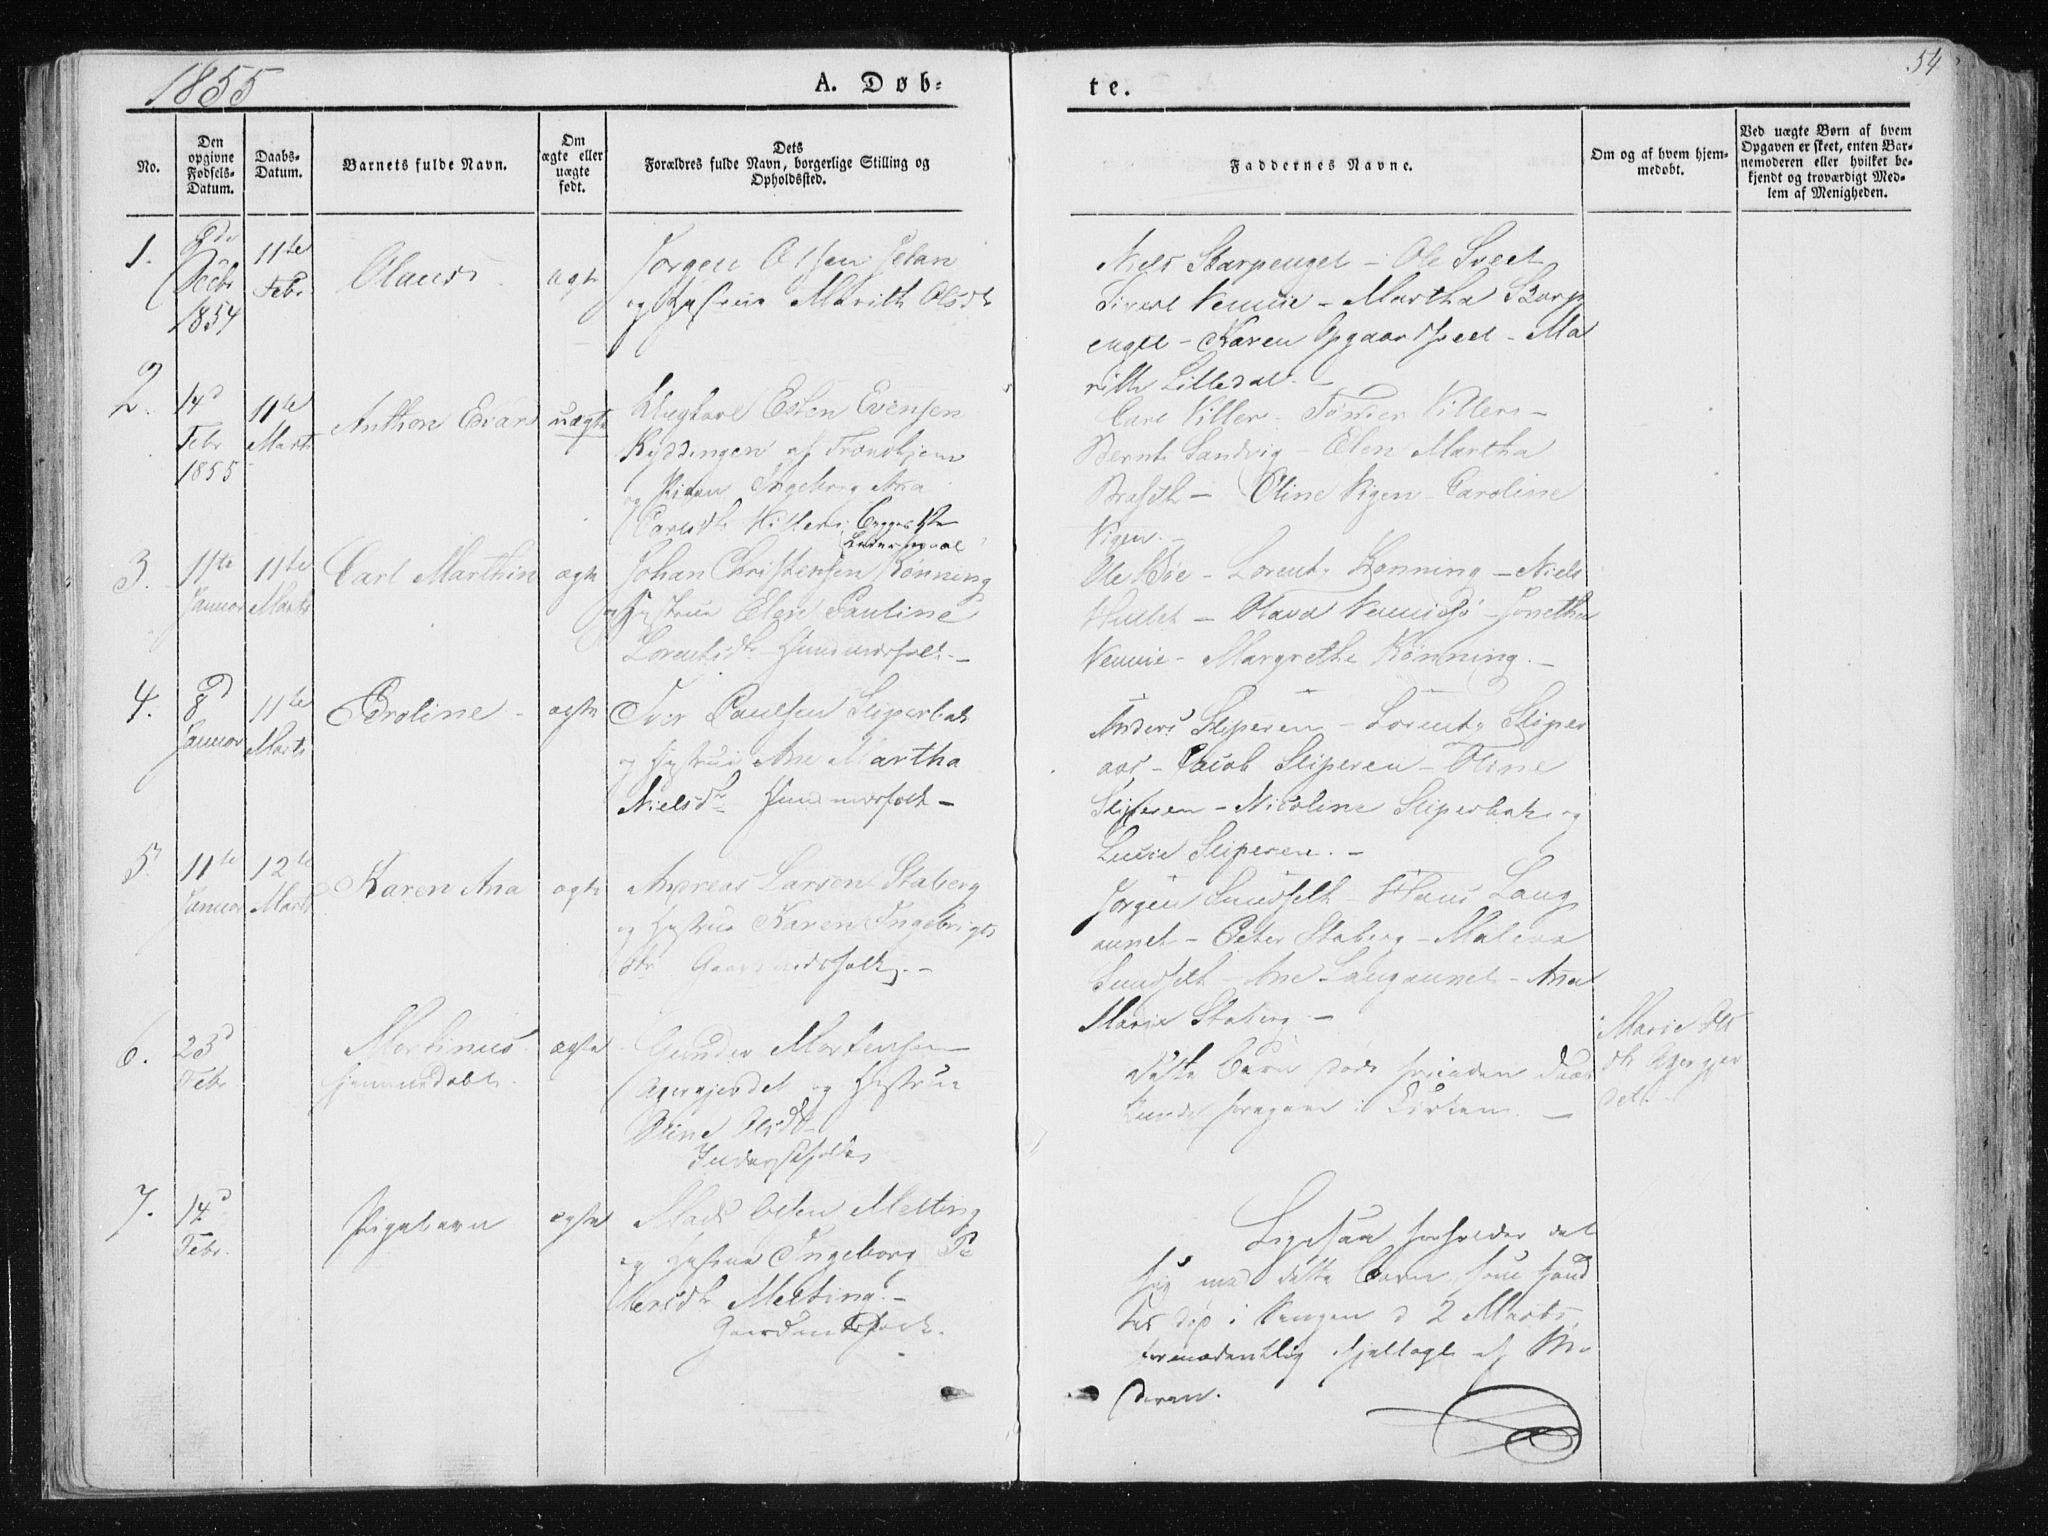 SAT, Ministerialprotokoller, klokkerbøker og fødselsregistre - Nord-Trøndelag, 733/L0323: Ministerialbok nr. 733A02, 1843-1870, s. 54